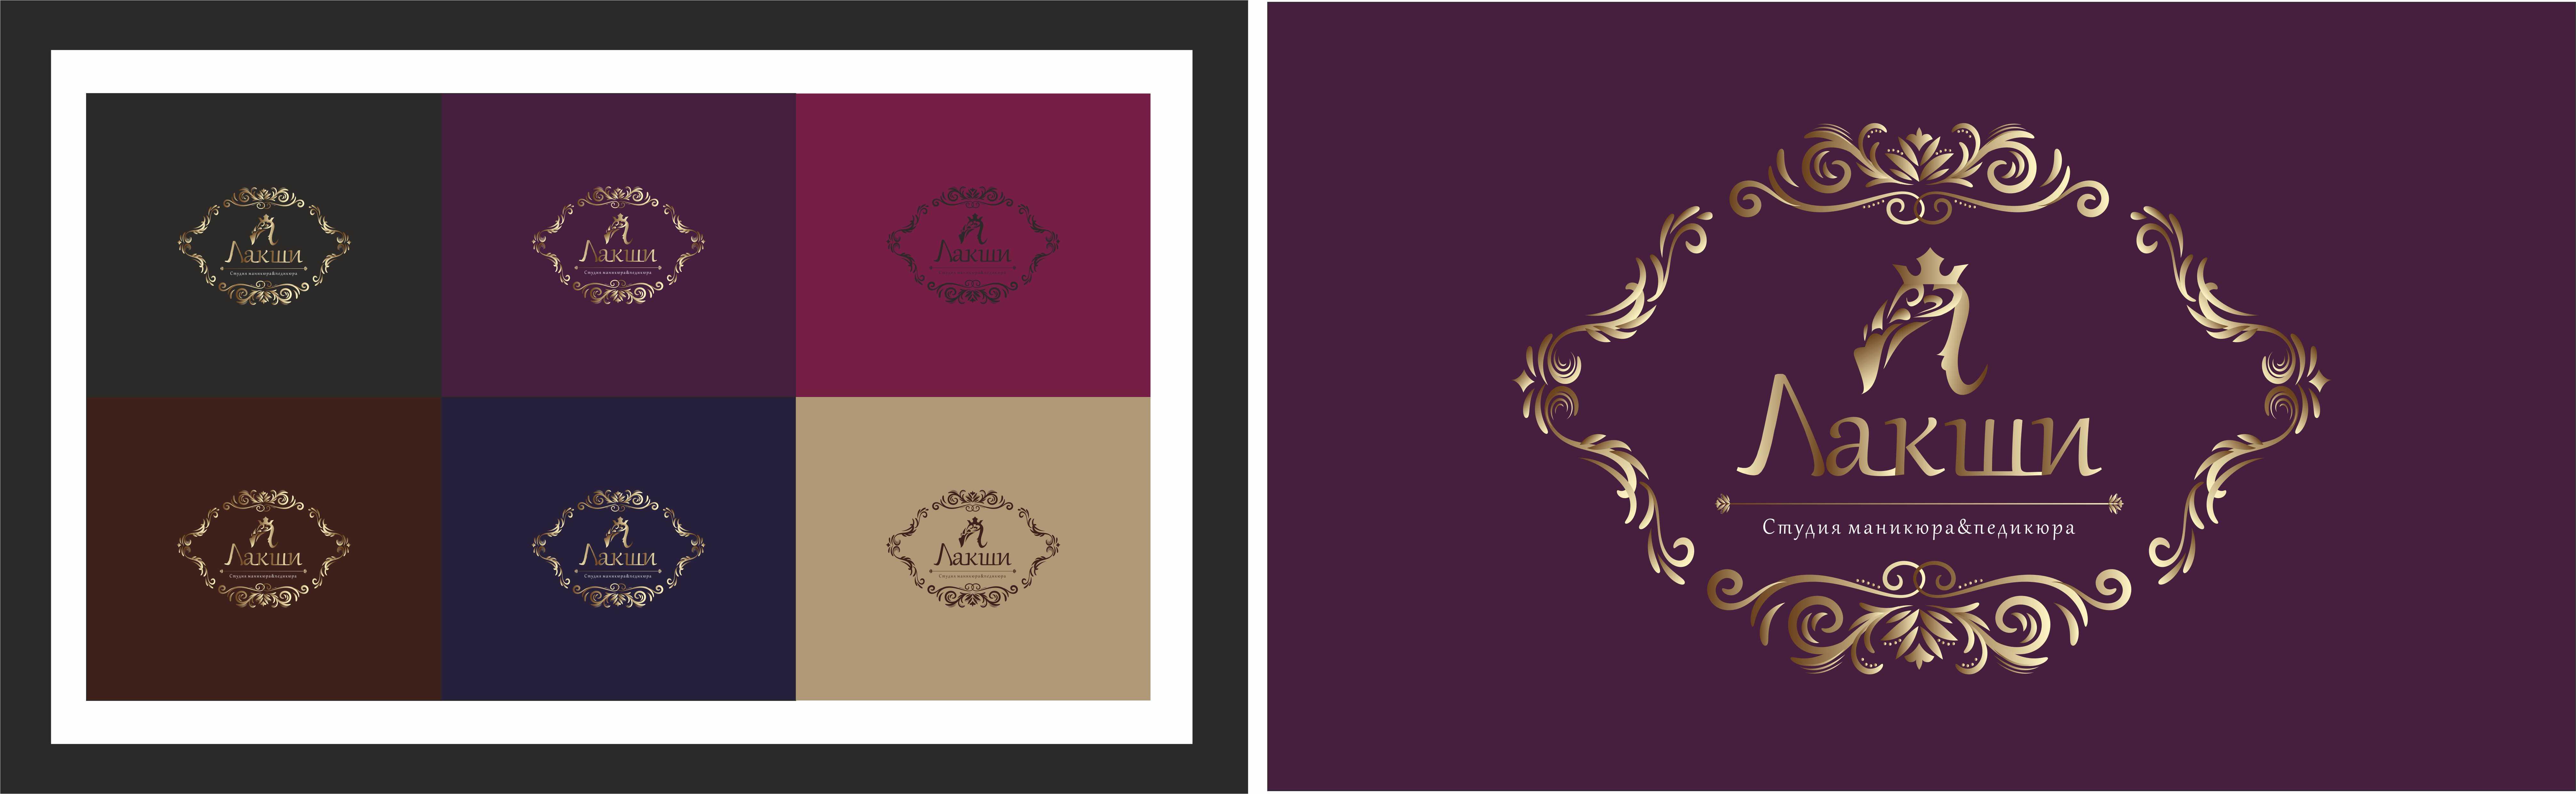 Разработка логотипа фирменного стиля фото f_0815c595e920215e.jpg